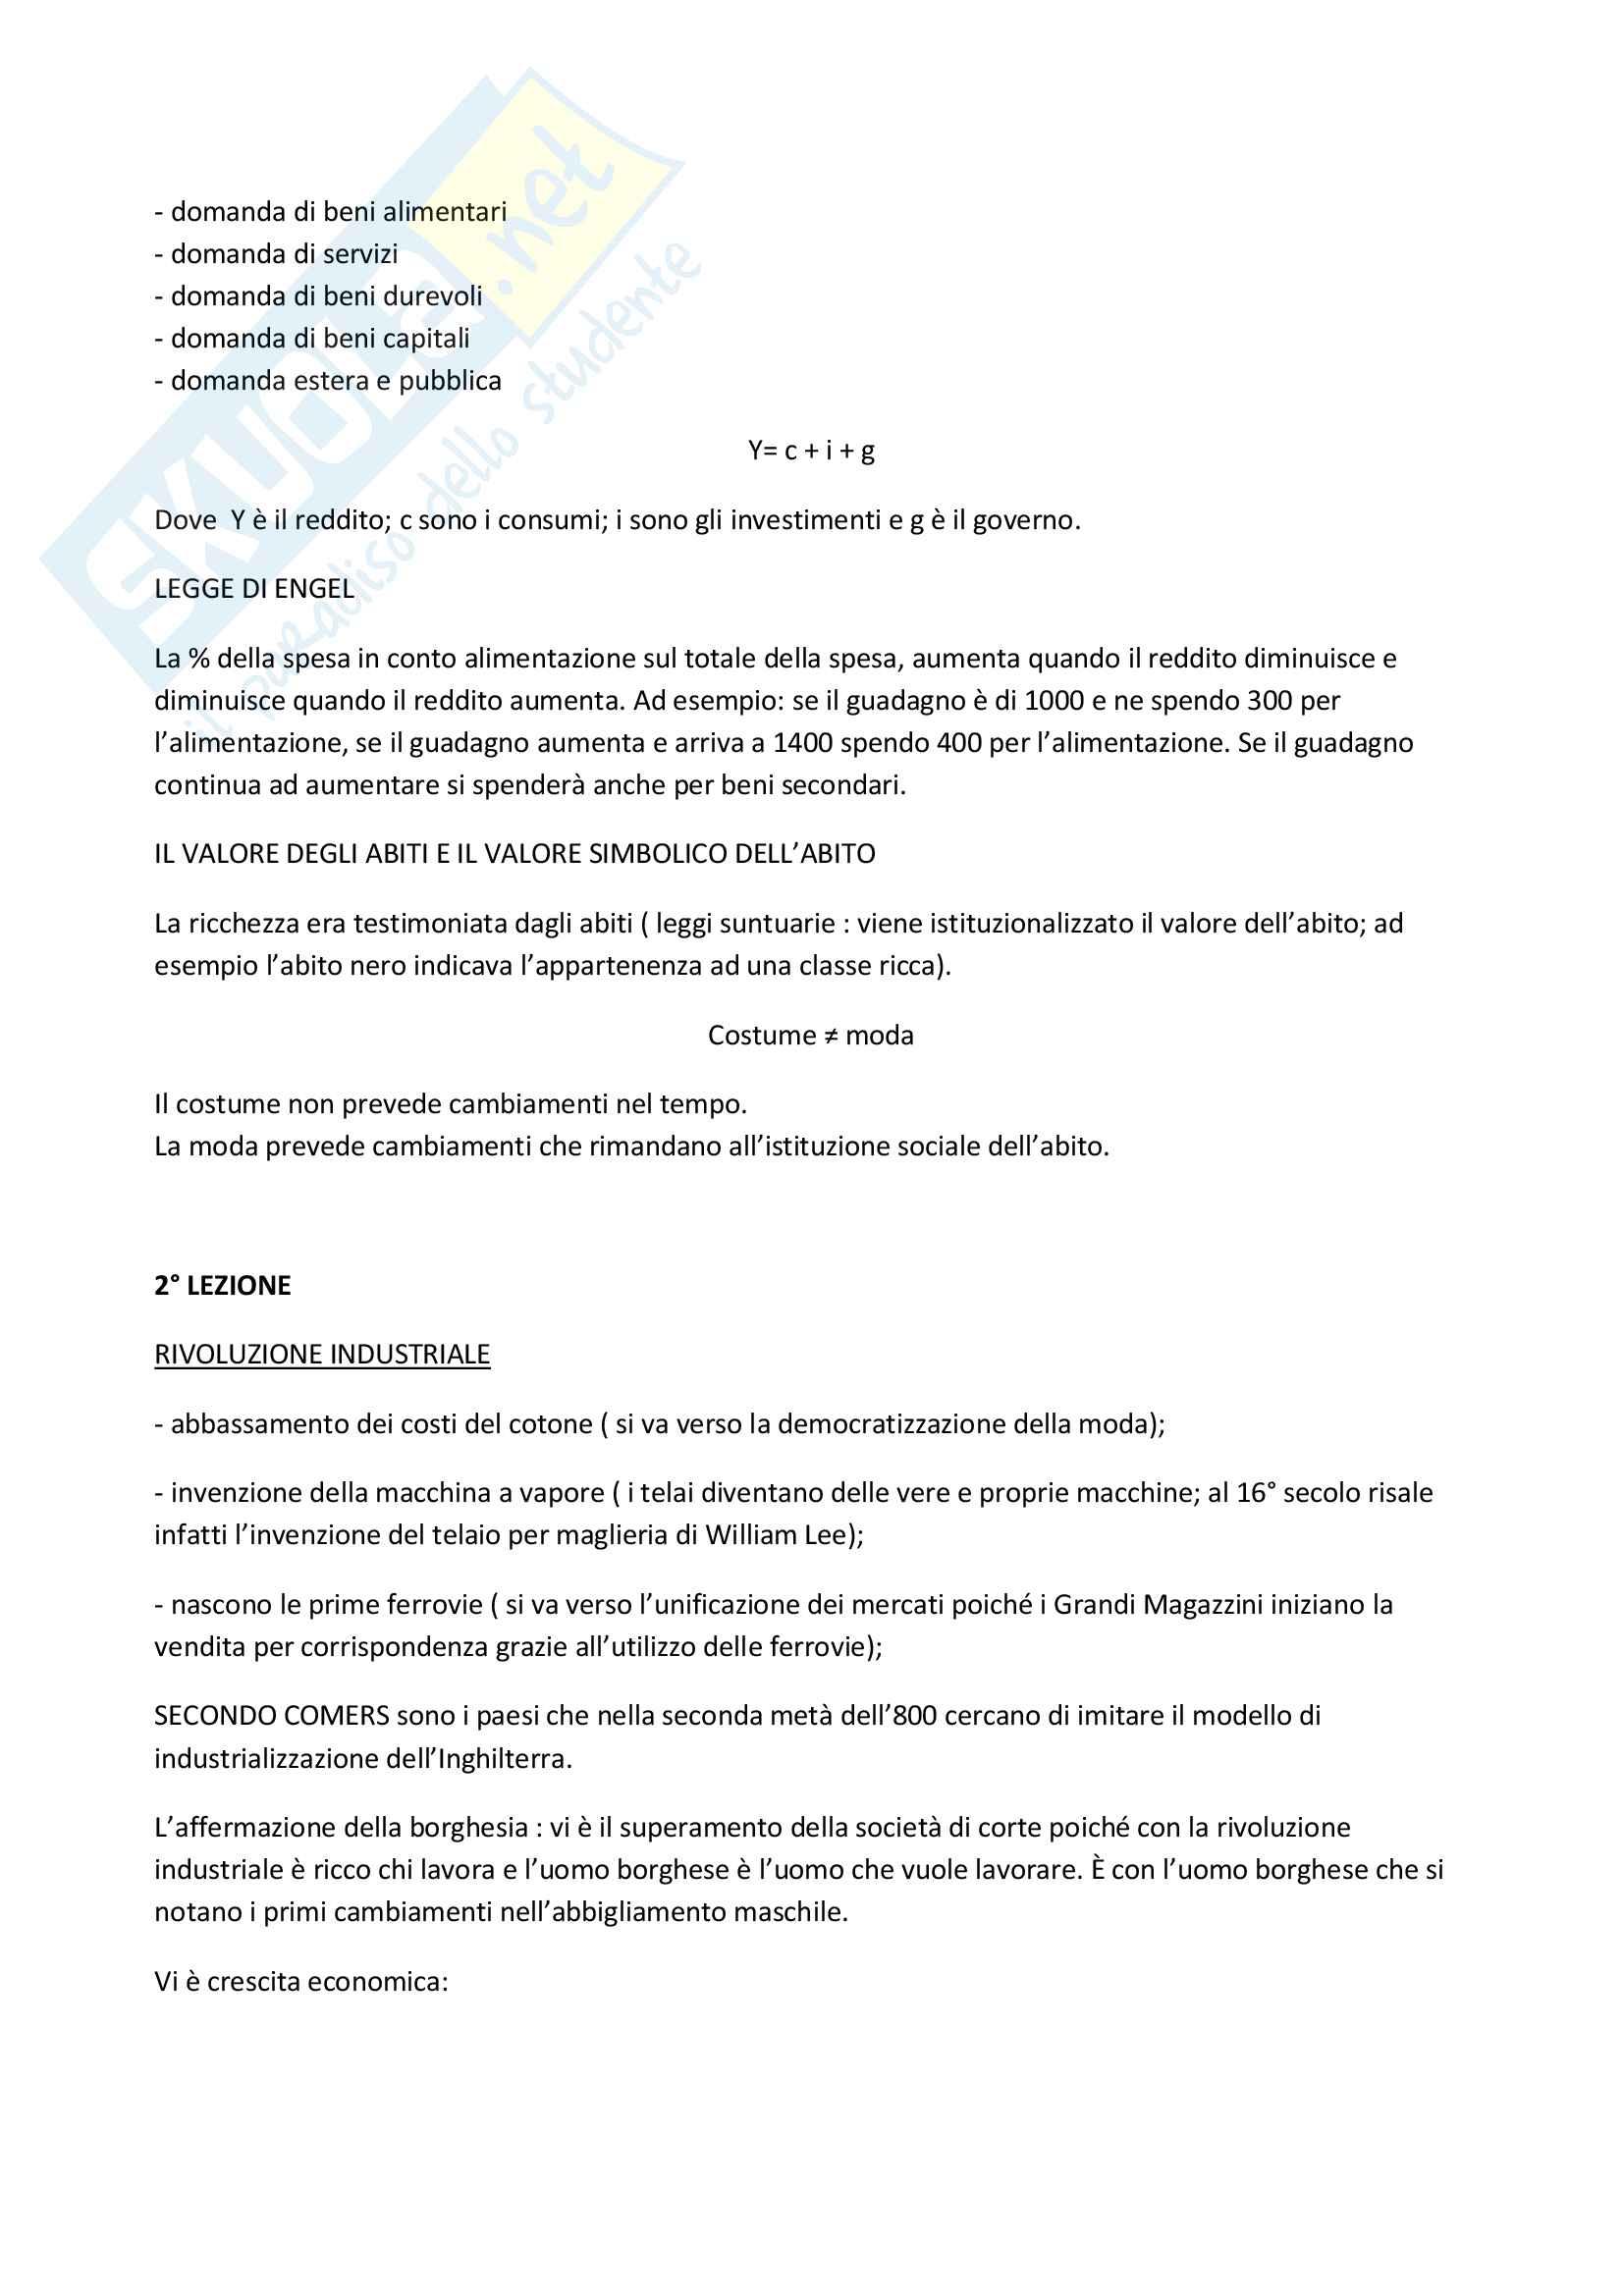 Appunti per esame di storia dell'industria della moda, Prof.essa Capalbo Pag. 2